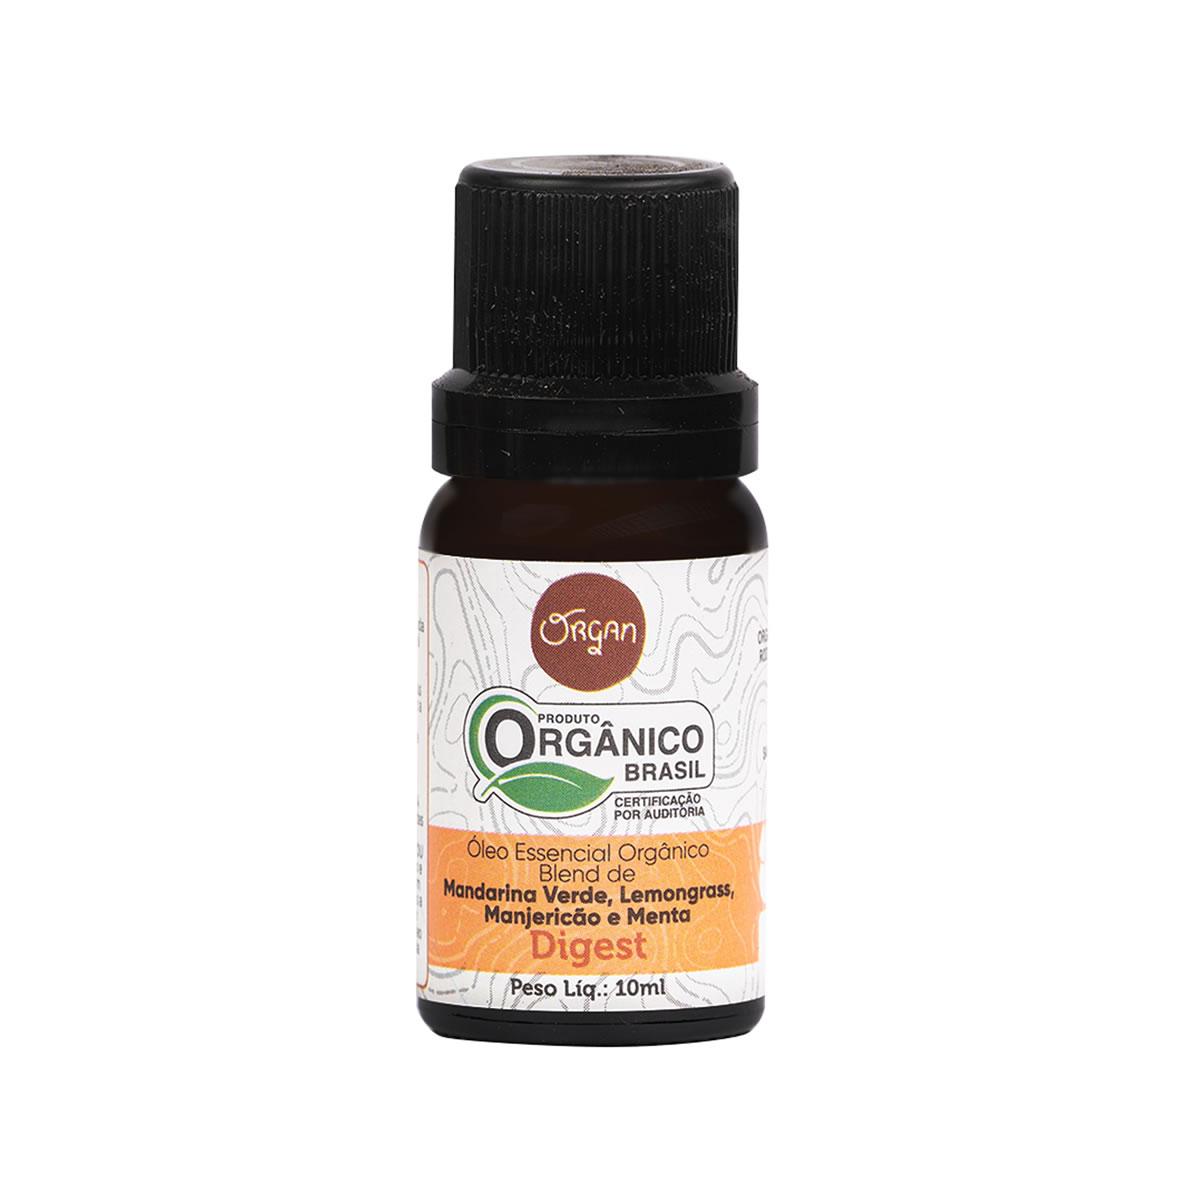 Óleo Essencial Orgânico Digest 10ml - Organ